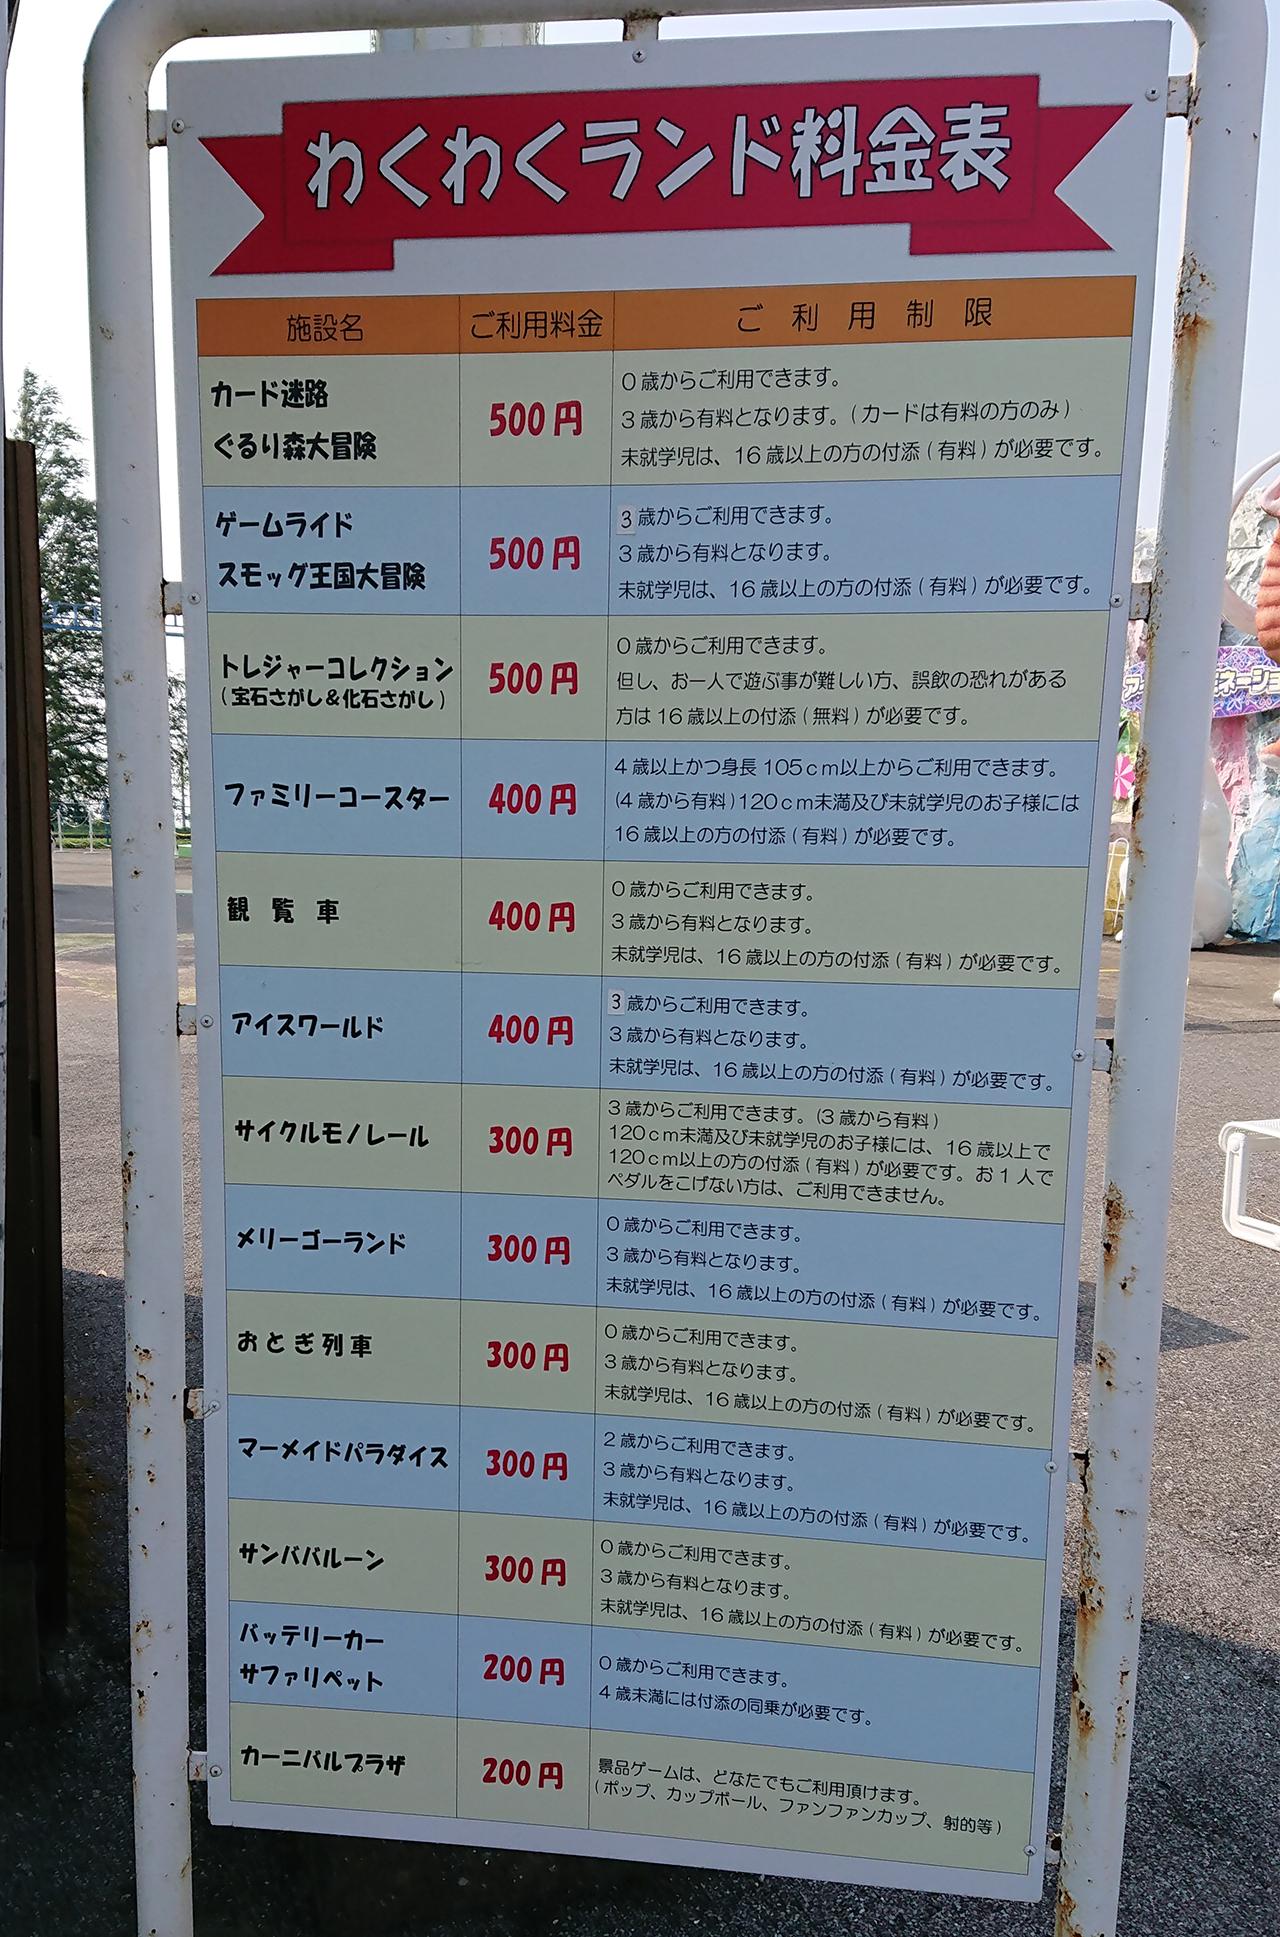 アトラクション料金表の写真